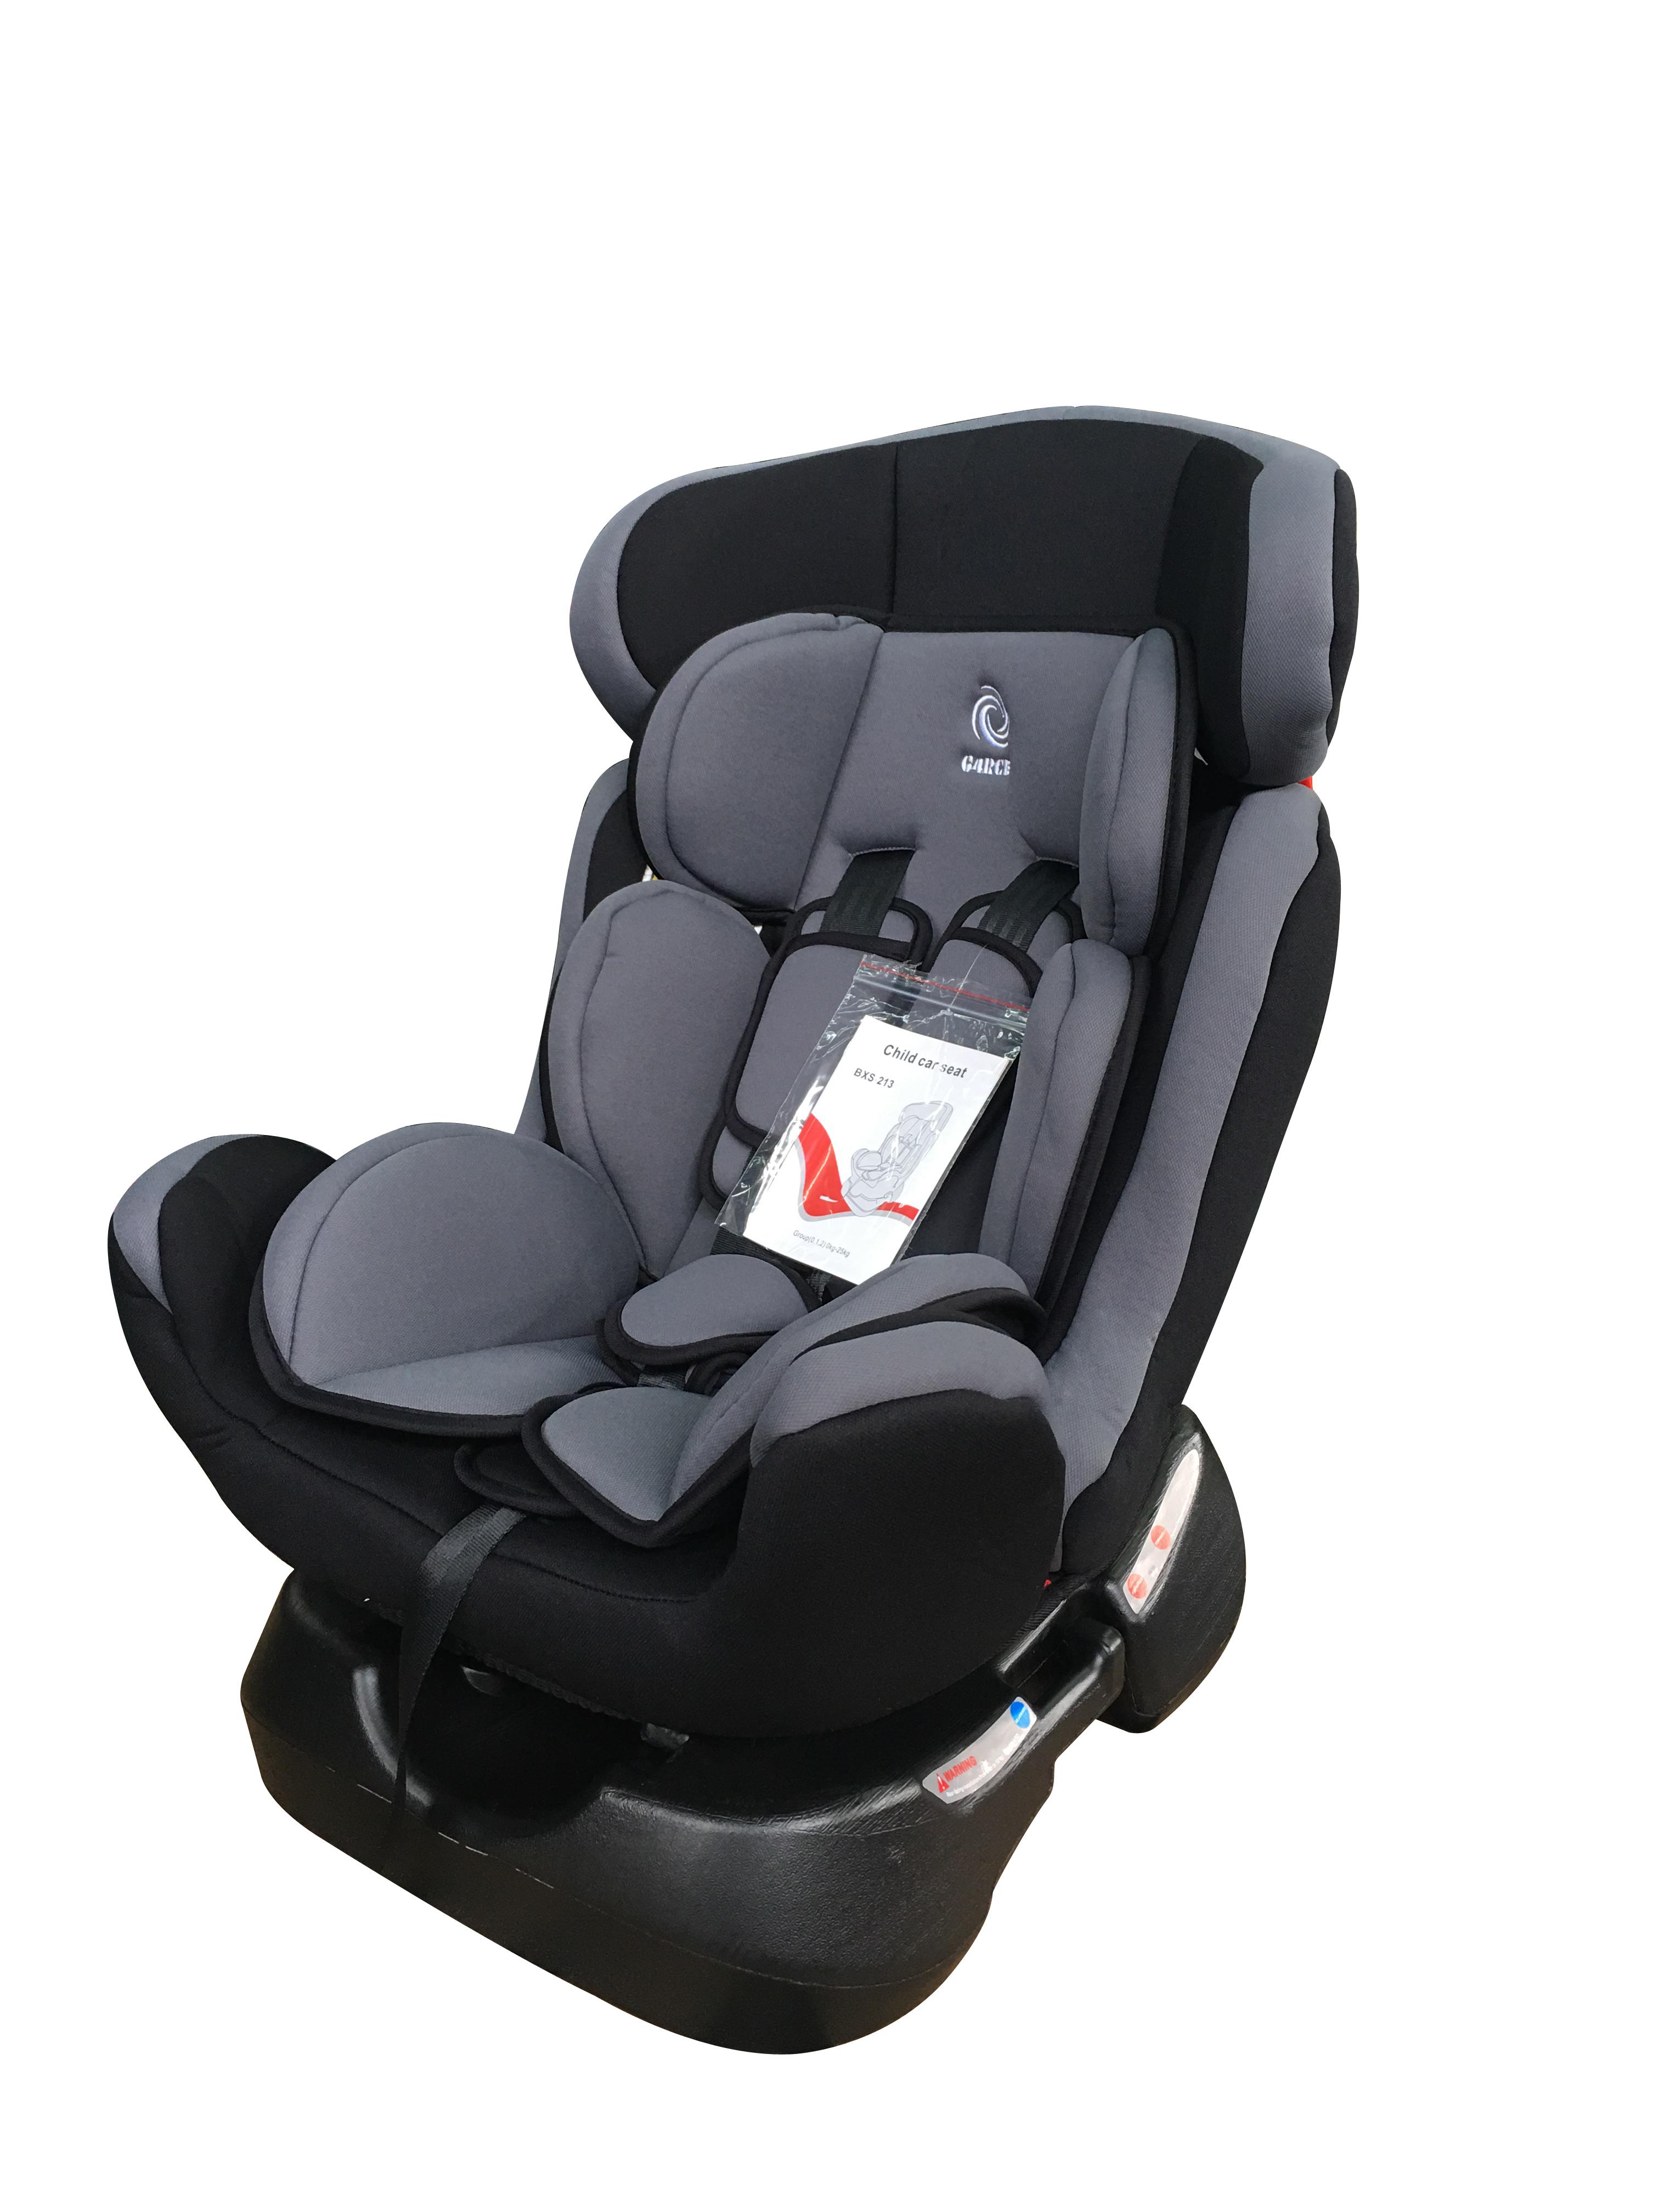 kinder baby autositz sicherheit sitzerh hung gruppe 0 1 2. Black Bedroom Furniture Sets. Home Design Ideas